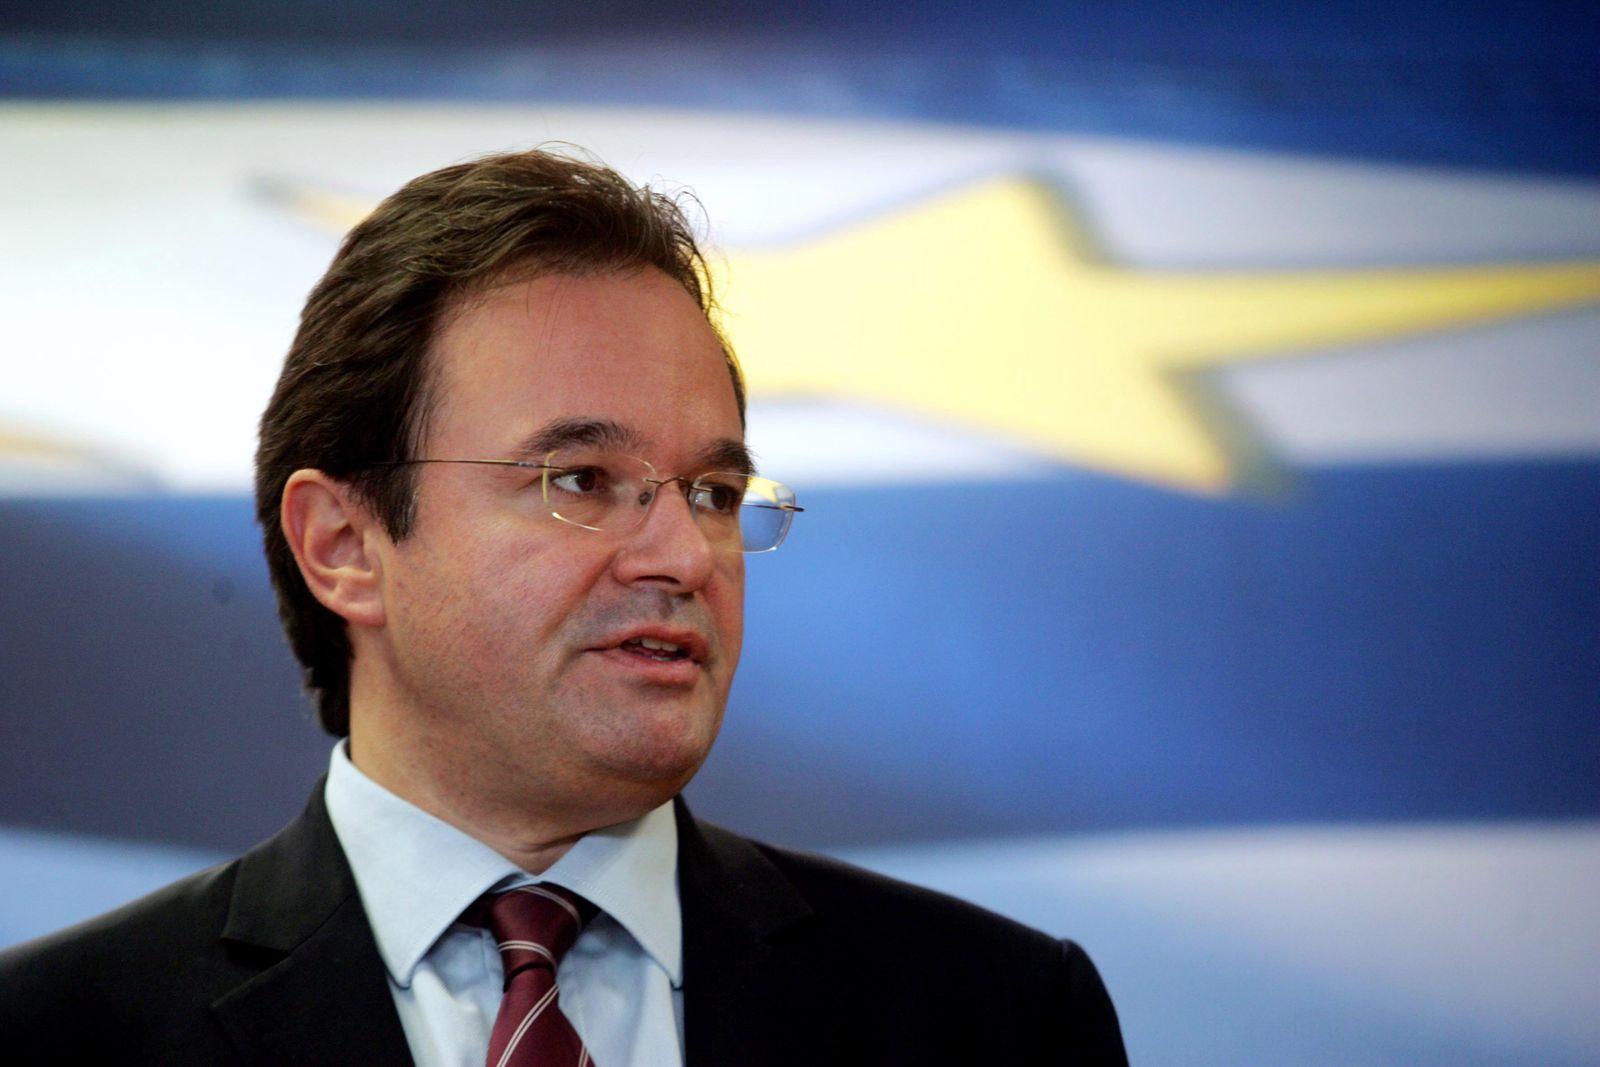 Griechenlands Finanzminister stellt Haushaltsentwurf für 2011 vor / George Papakonstantinou